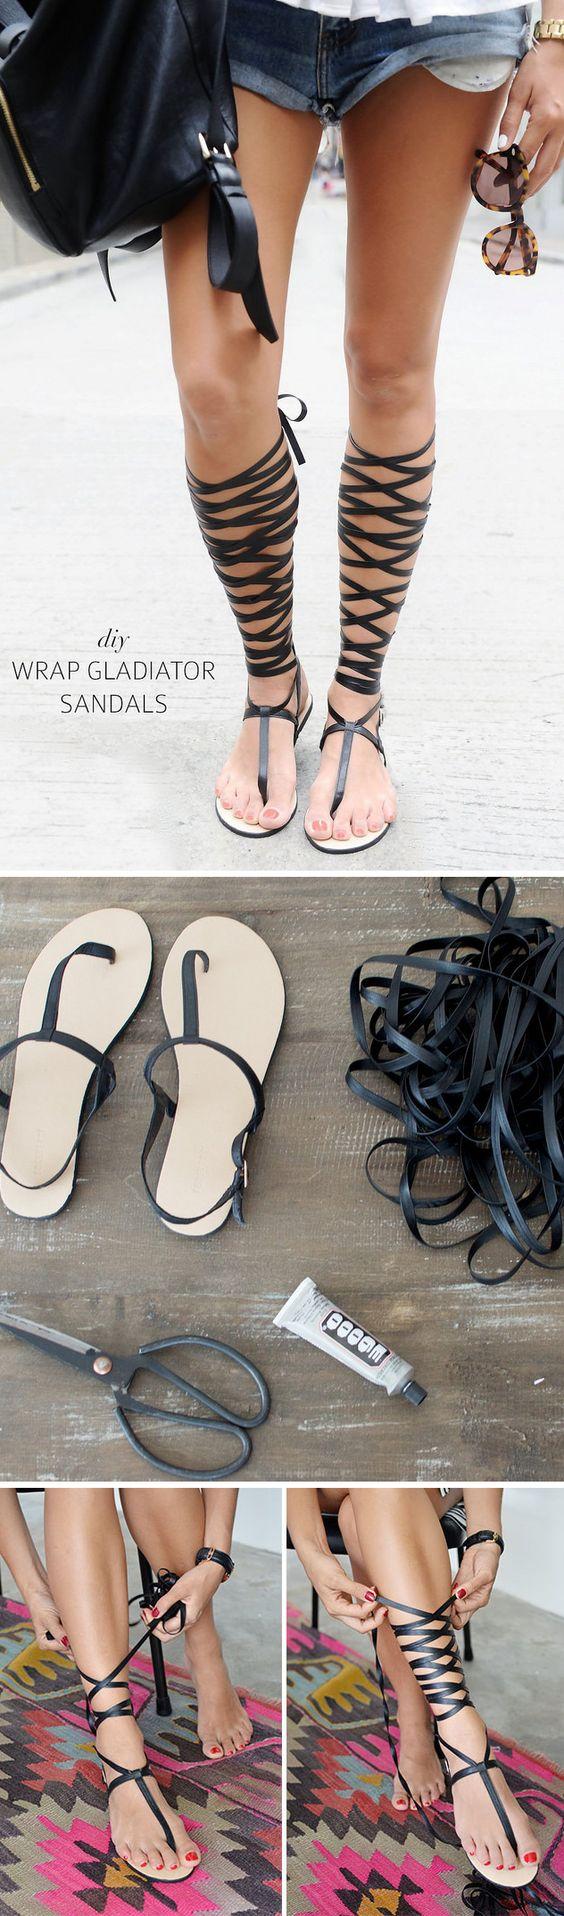 10 trucos para convertir unas sandalias en el centro de todas las miradas